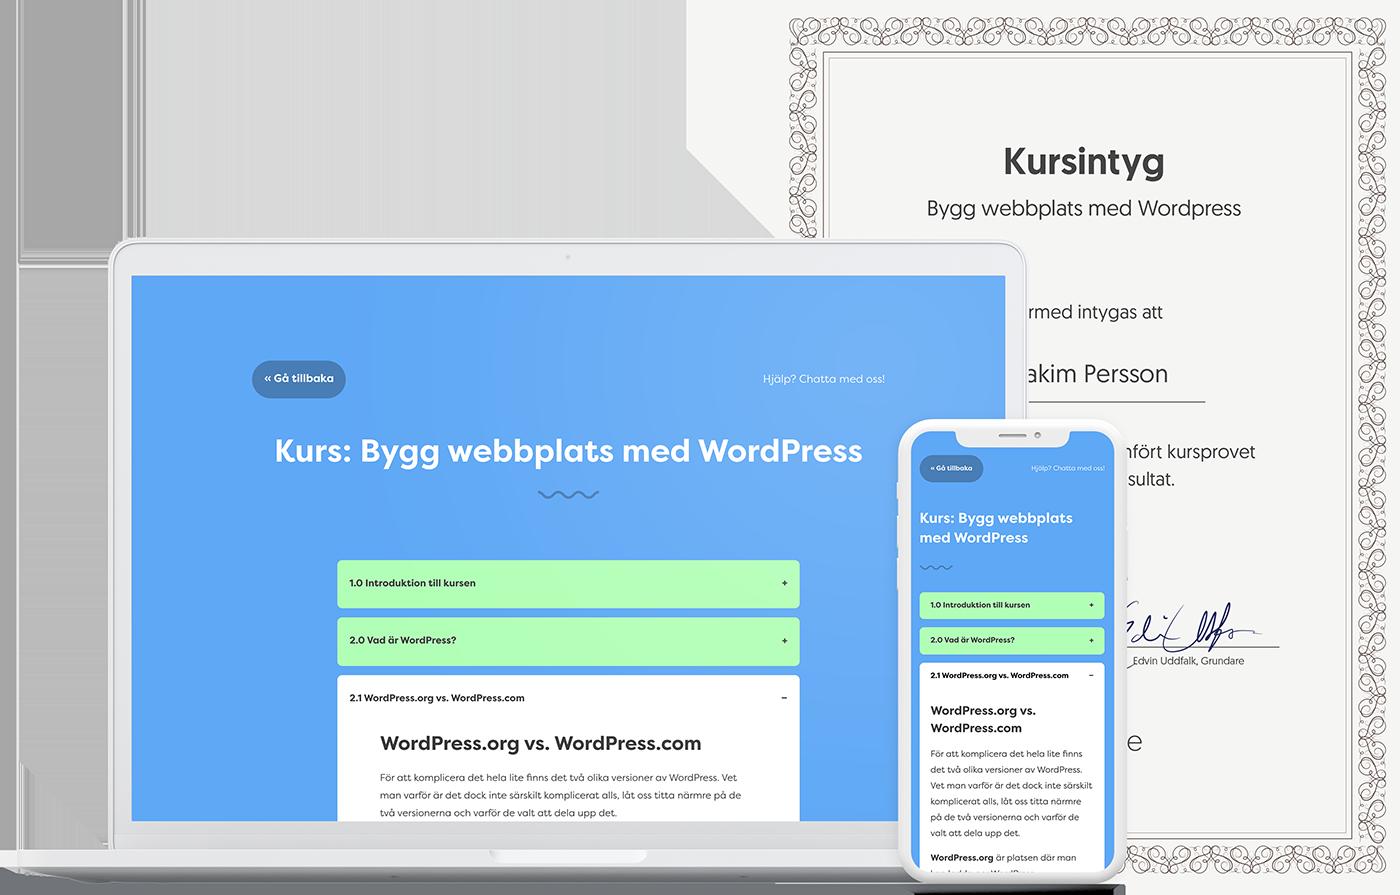 Bygg webbplats med WordPress